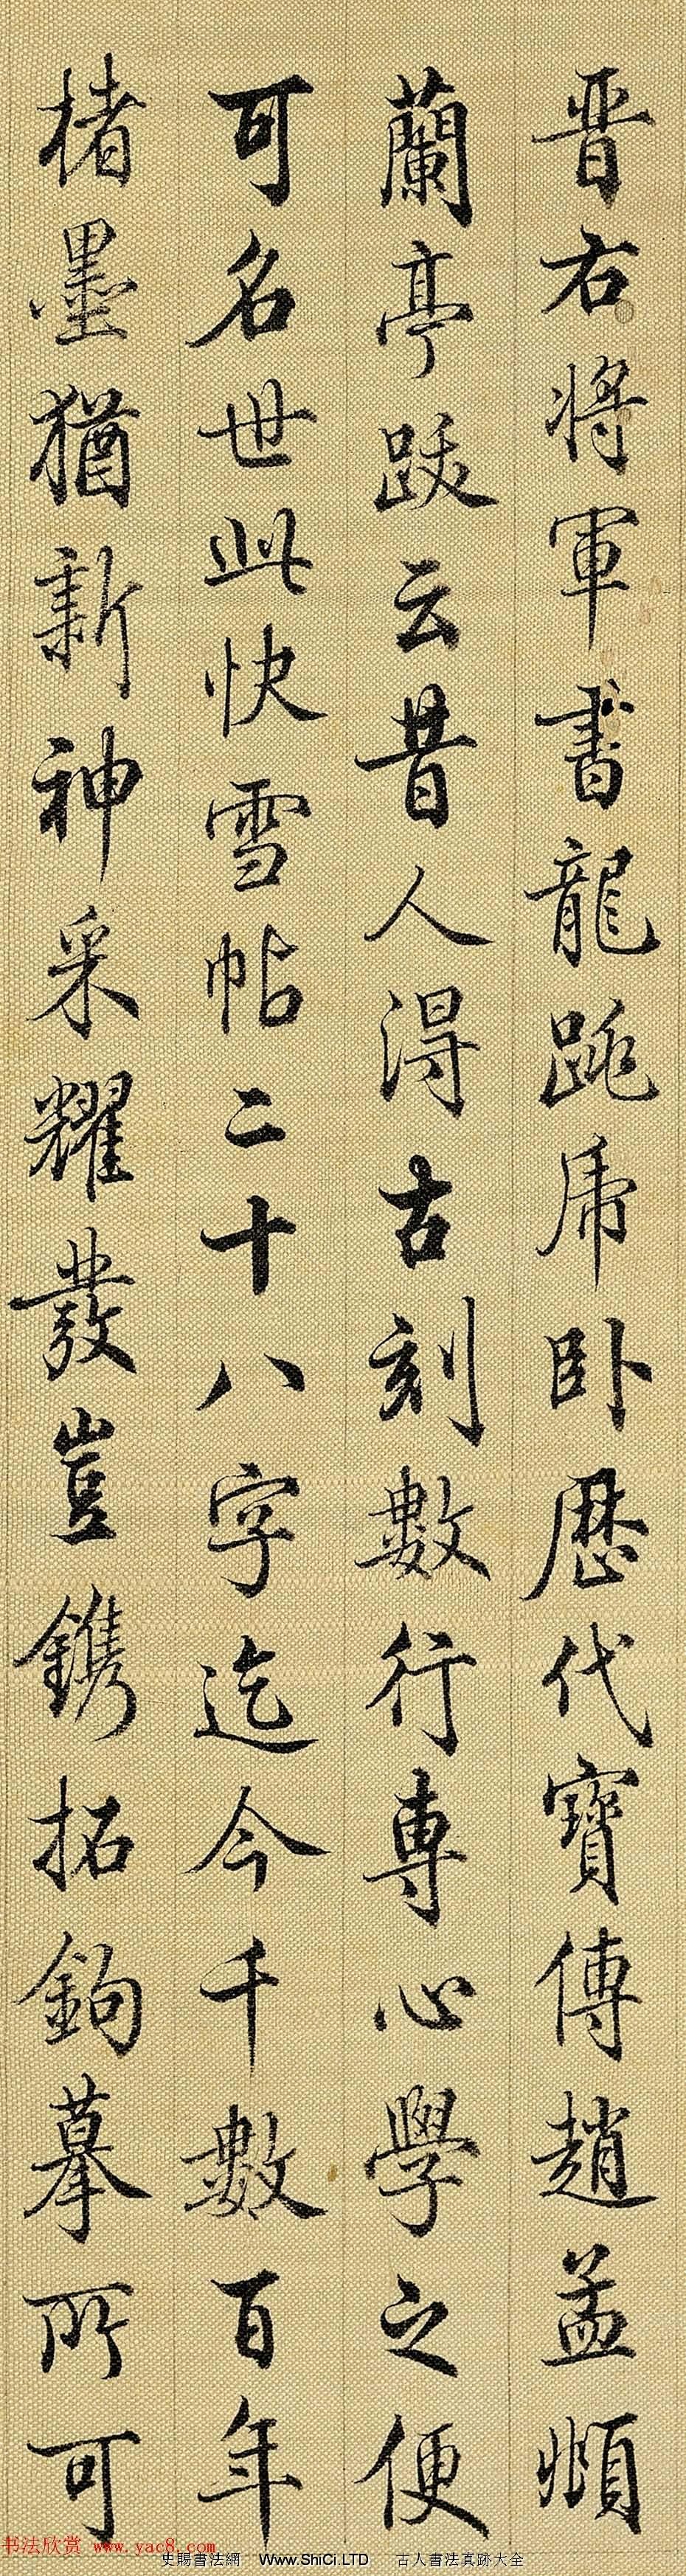 梁詩正書法題跋字帖《王羲之快雪時晴帖》(共6張圖片)